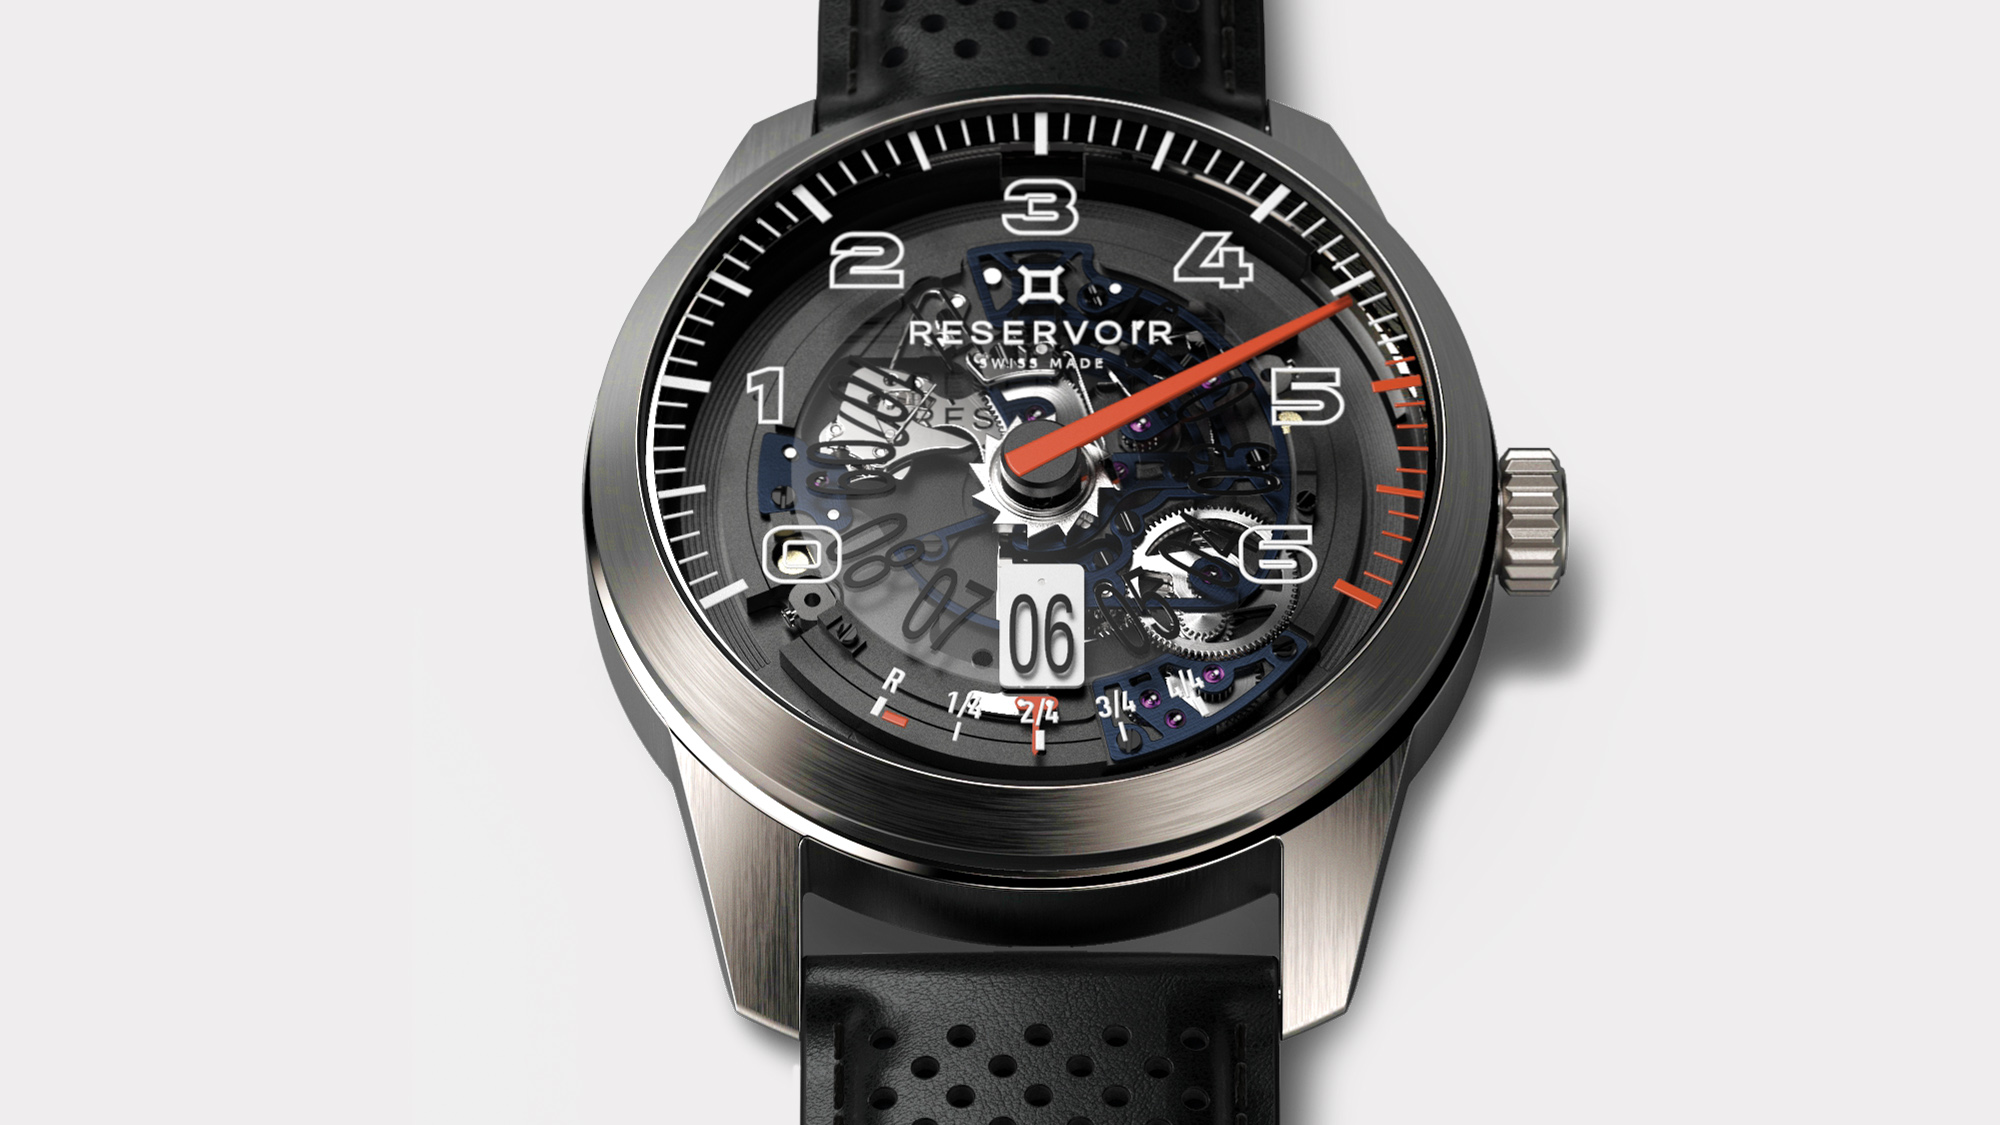 Reservoir GT Tour Le Mans watch